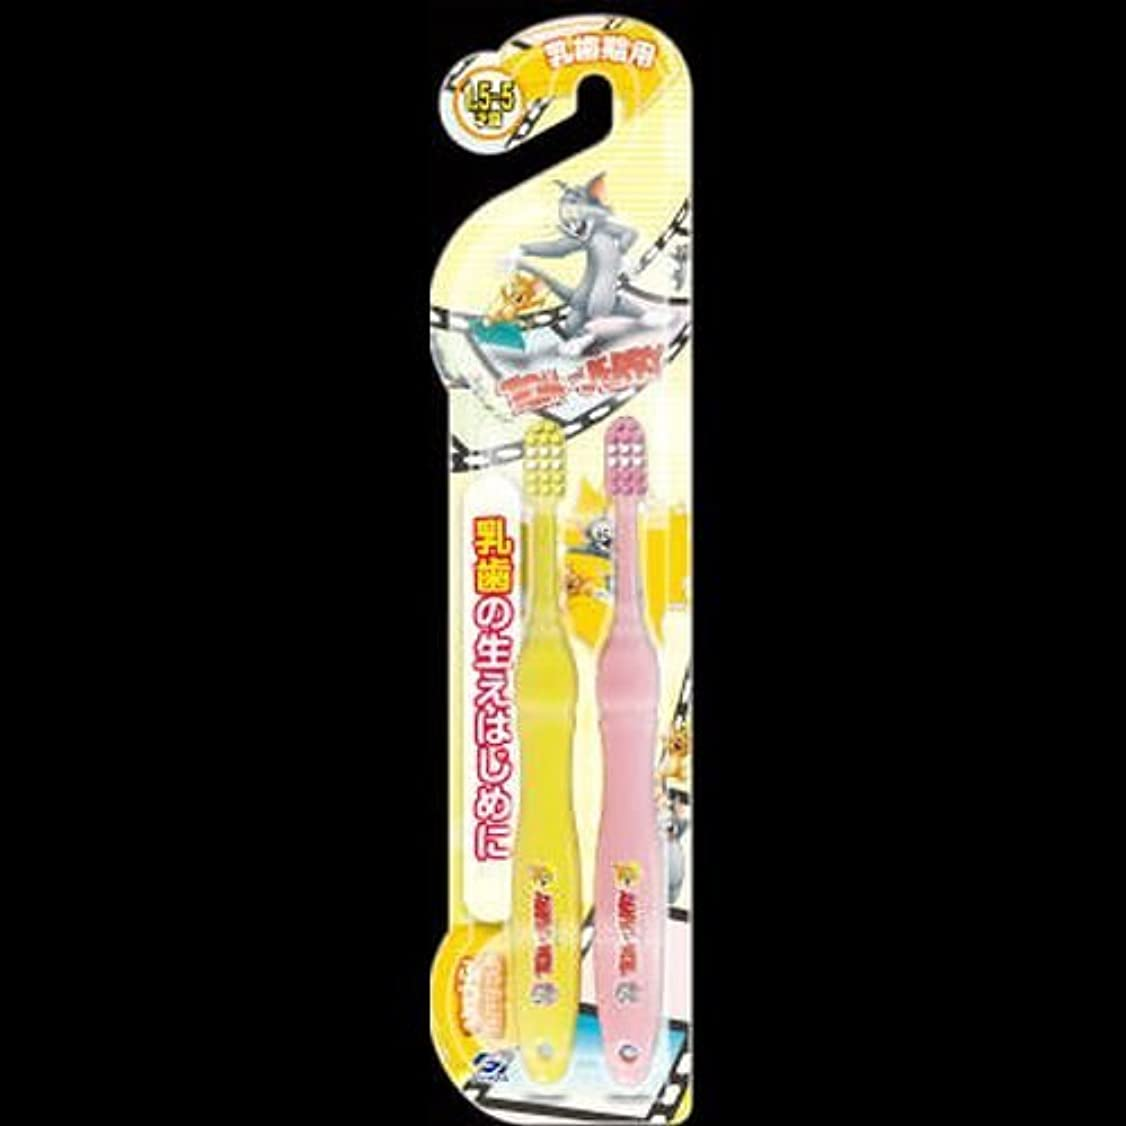 トム&ジェリーハブラシ 乳歯期用(1.5-5才) 2本組 ×2セット